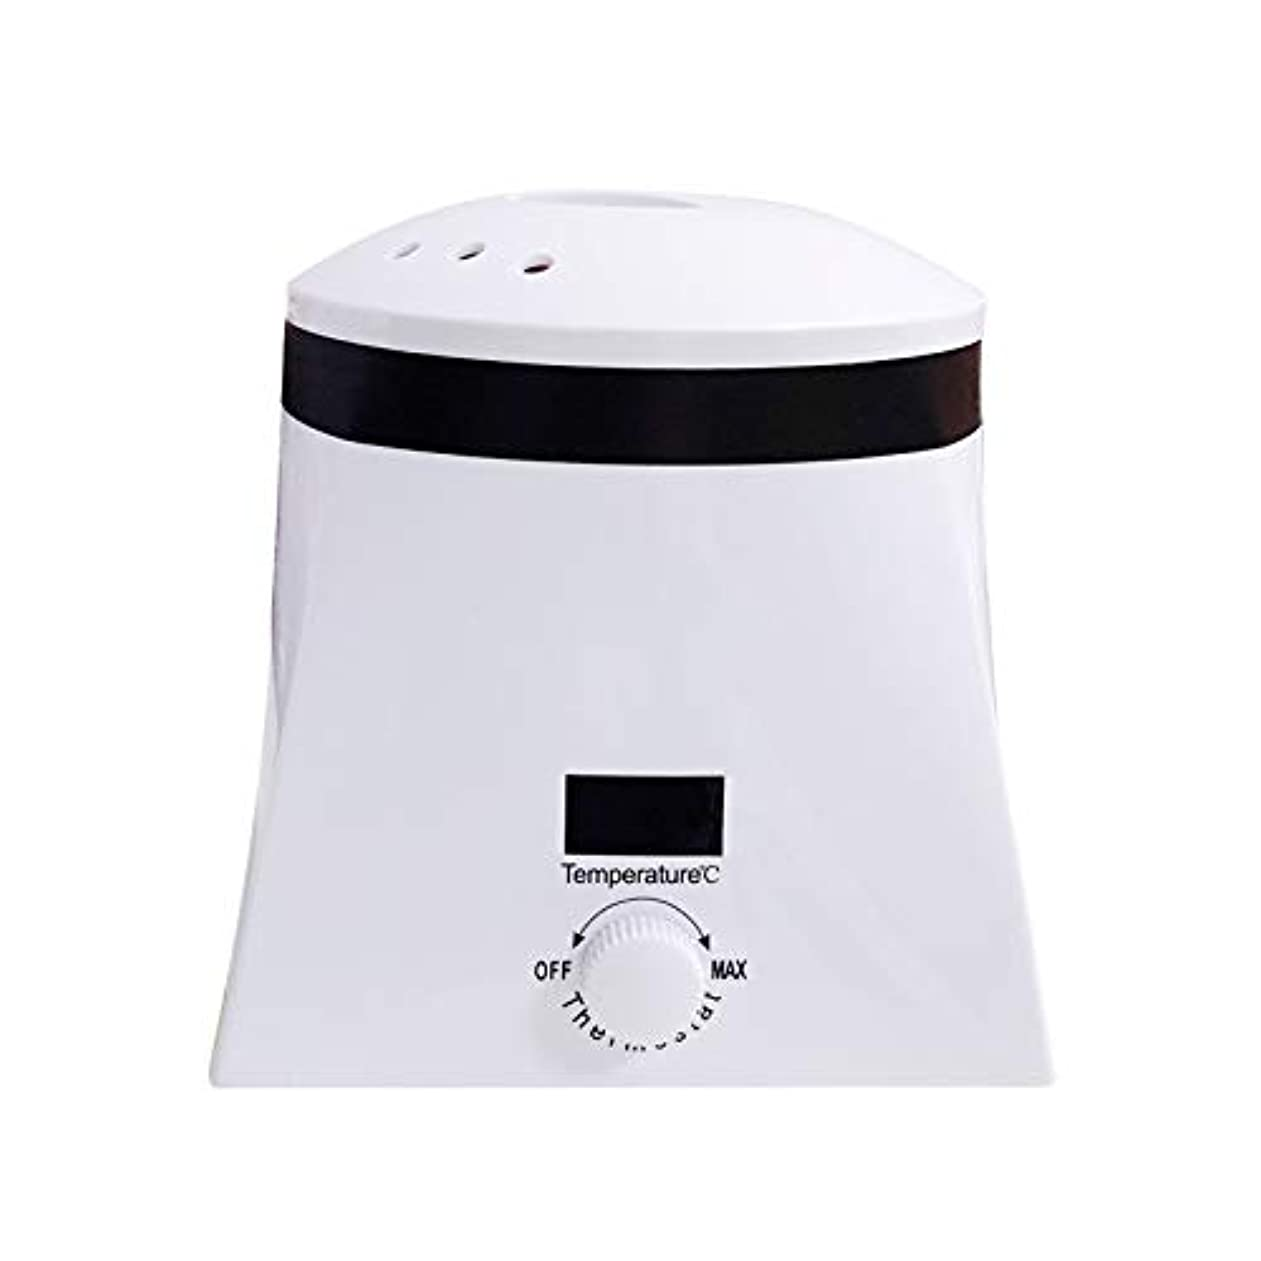 計器アブセイ合併ソフト、パラフィン、暖かい、クレームとストリップワックスのための専門の電気ワックスウォーマーとヒーター|サロン品質の結果のための可変温度と脱毛用ワックスメルター